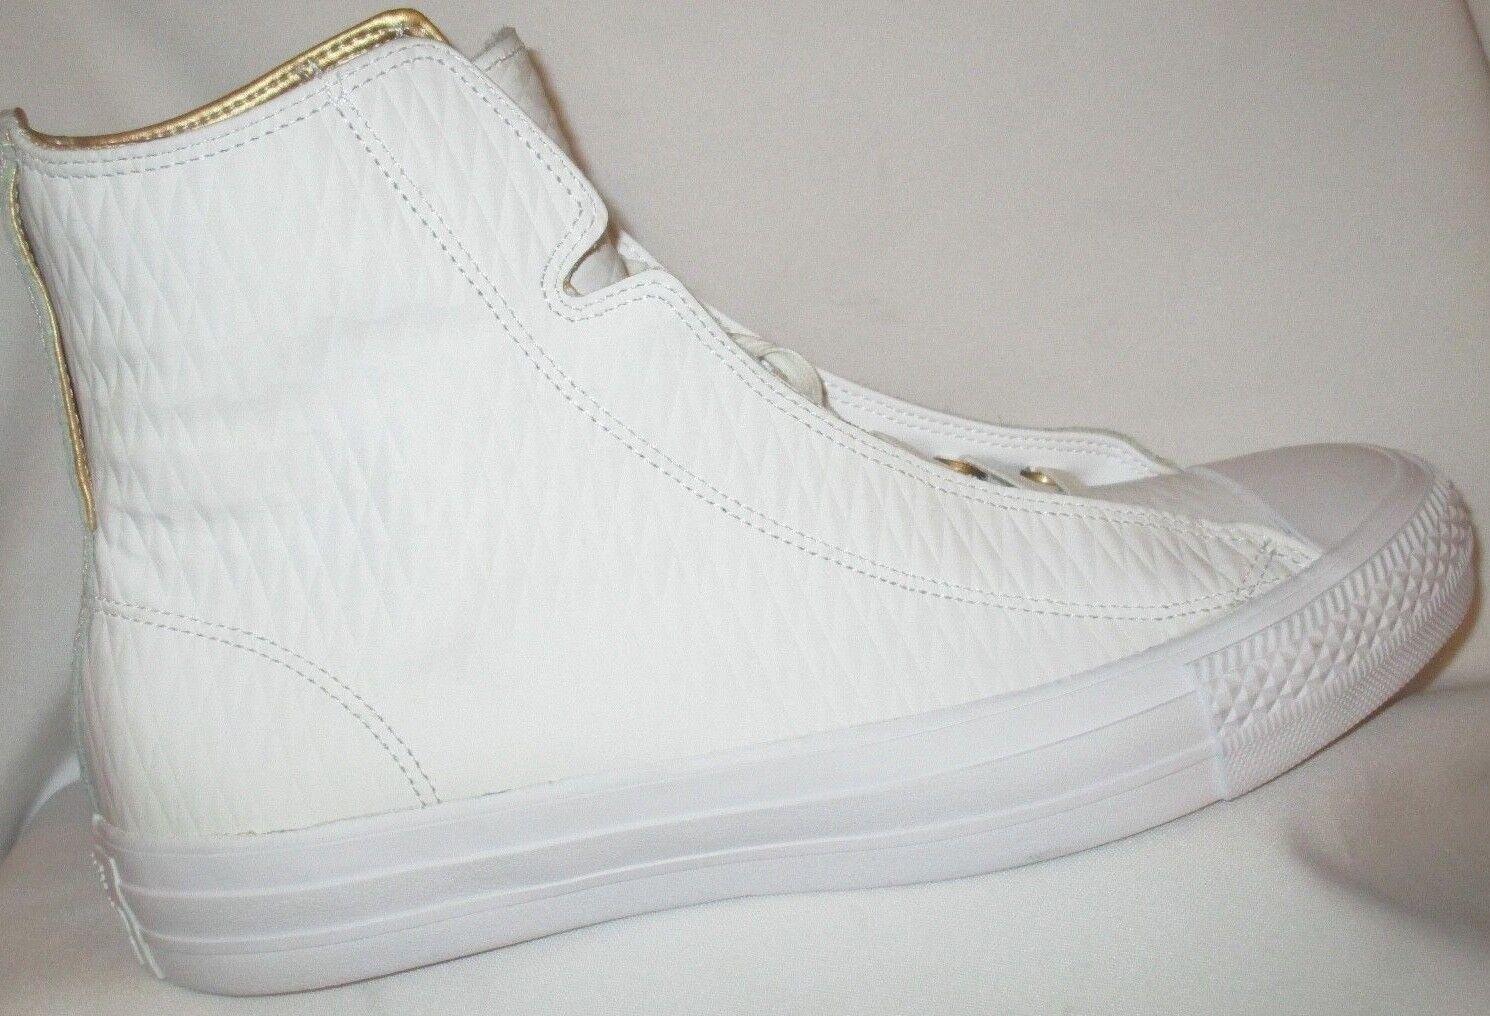 Para STAR hombres Cuero CONVERSE ALL STAR Para ALPHA Hi Blanco/Blanco Zapatos b34656